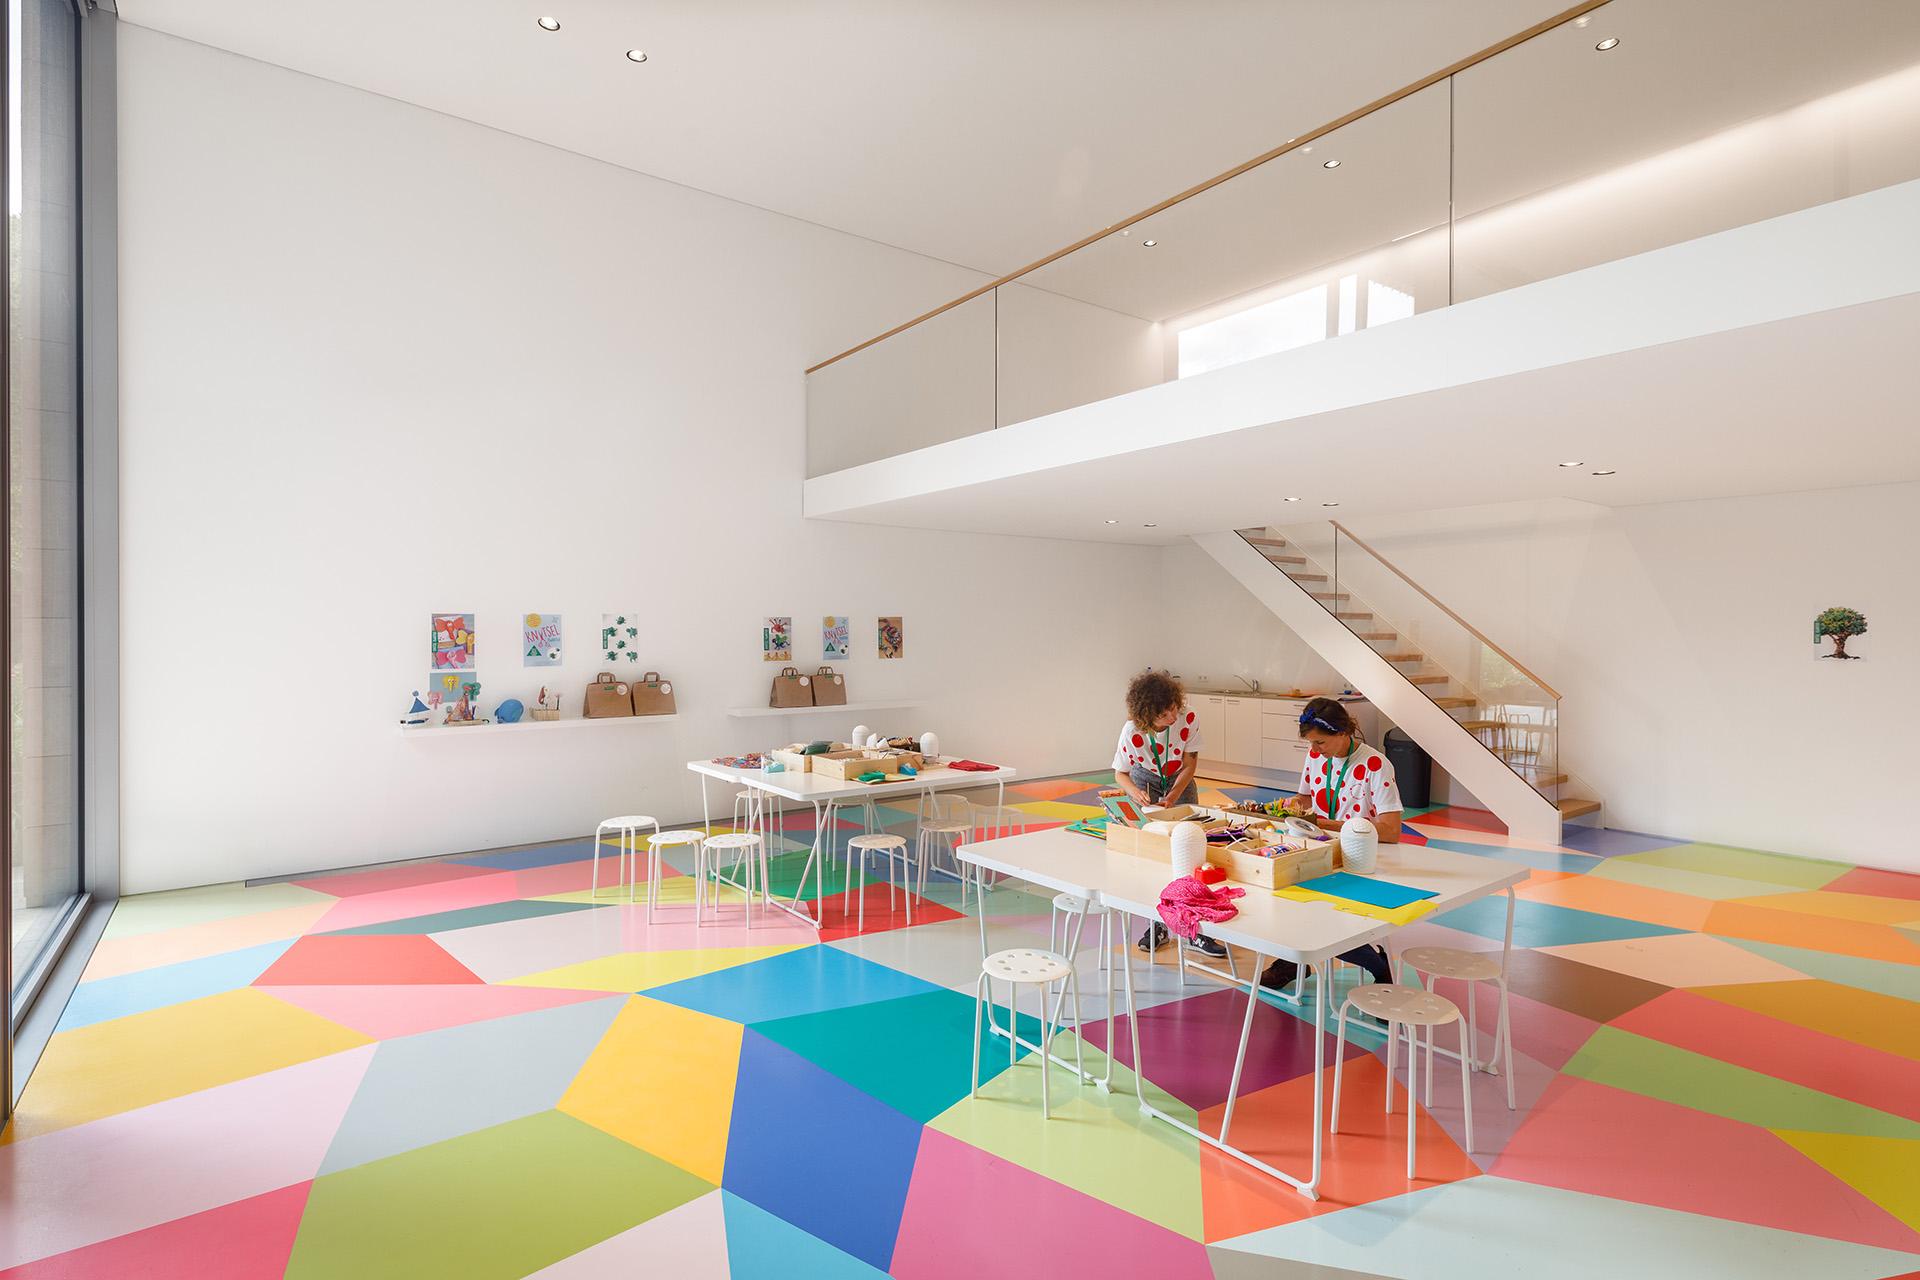 Educatie-atelier-museum-voorlinden-korsmit